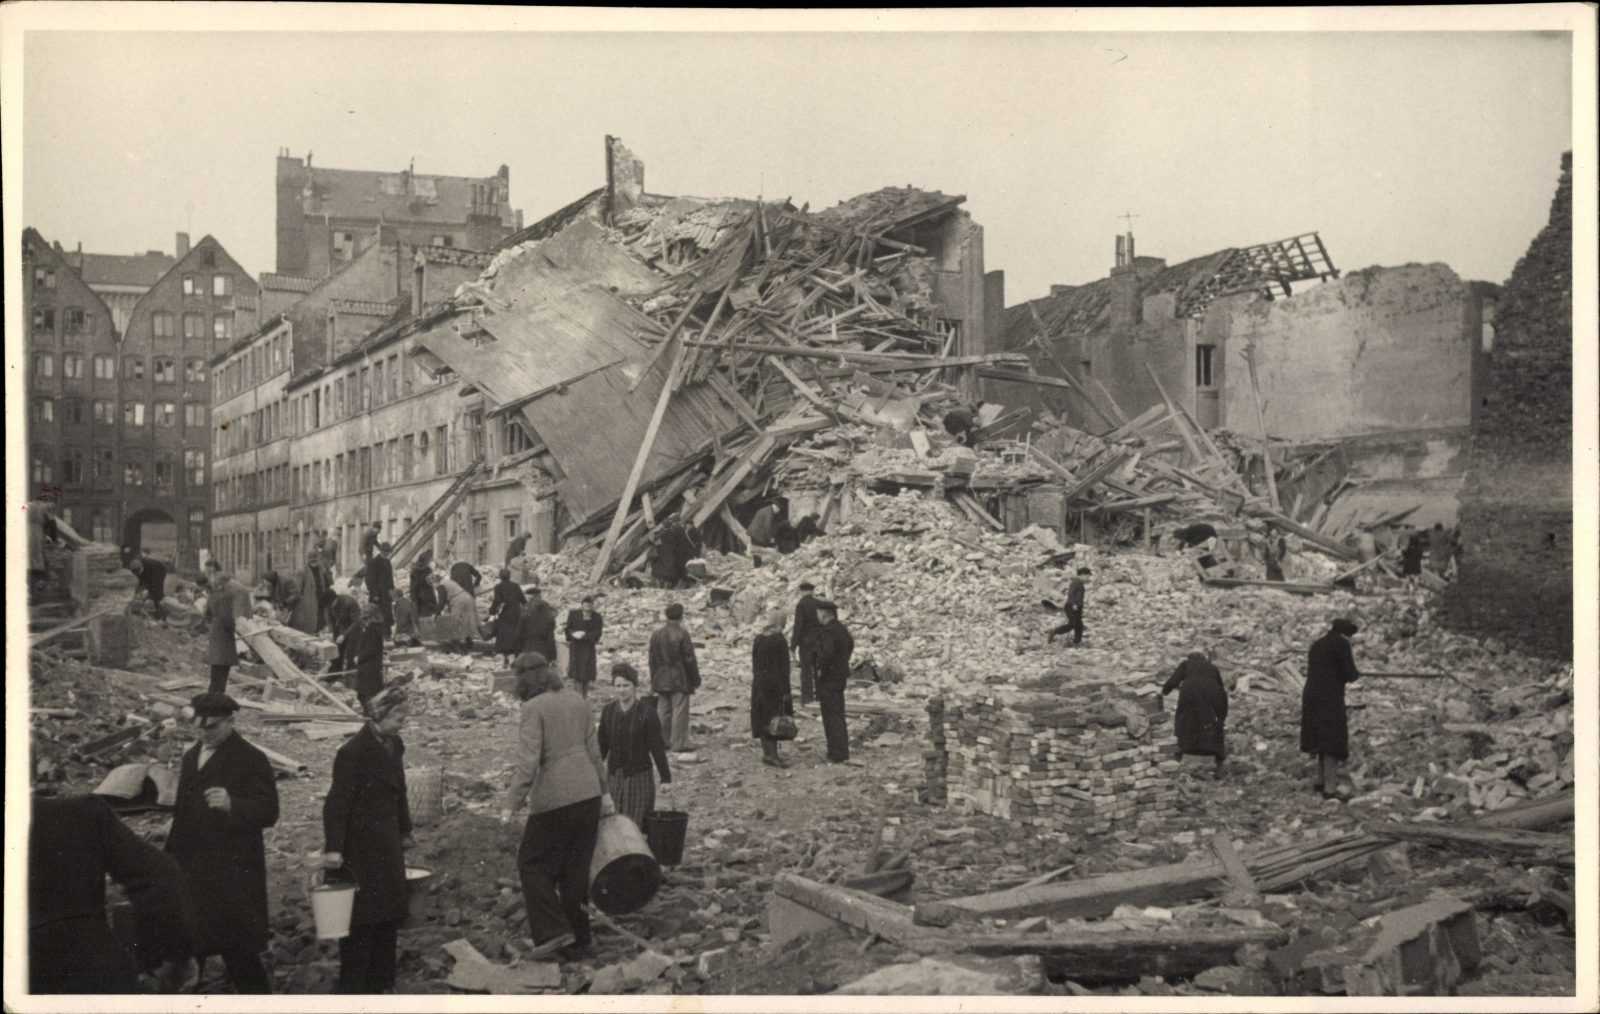 Hamburger Trümmerfrauen beseitigen den Schutt nach einem Luftangriff Foto: picture alliance/arkivi